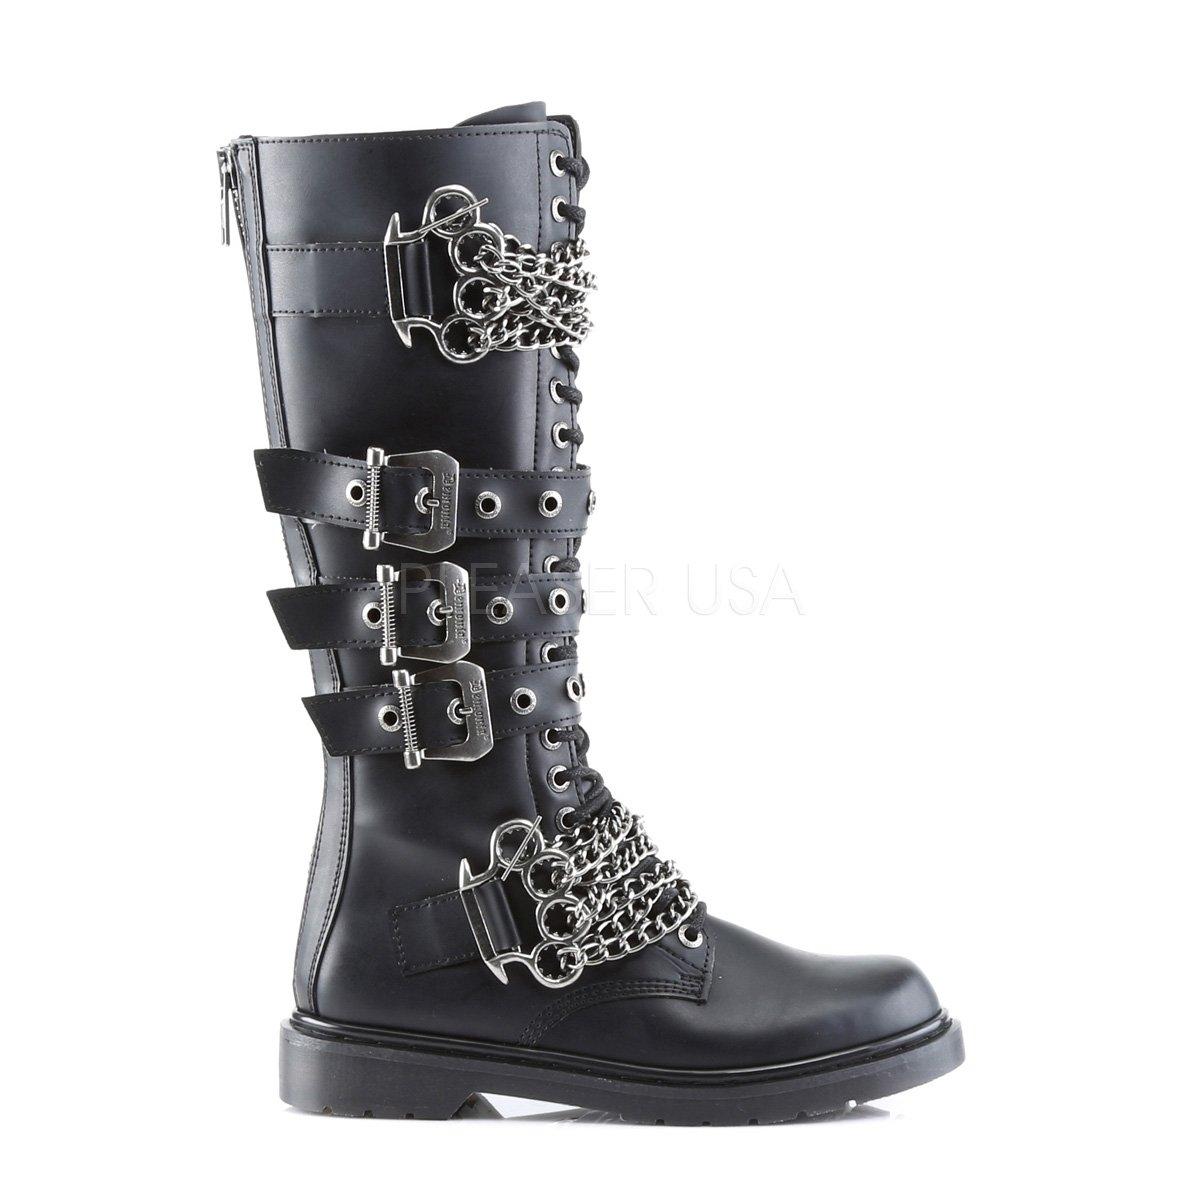 Demonia Unisex Defiant 402 Combat Boots Black Vegan Leather 6 M